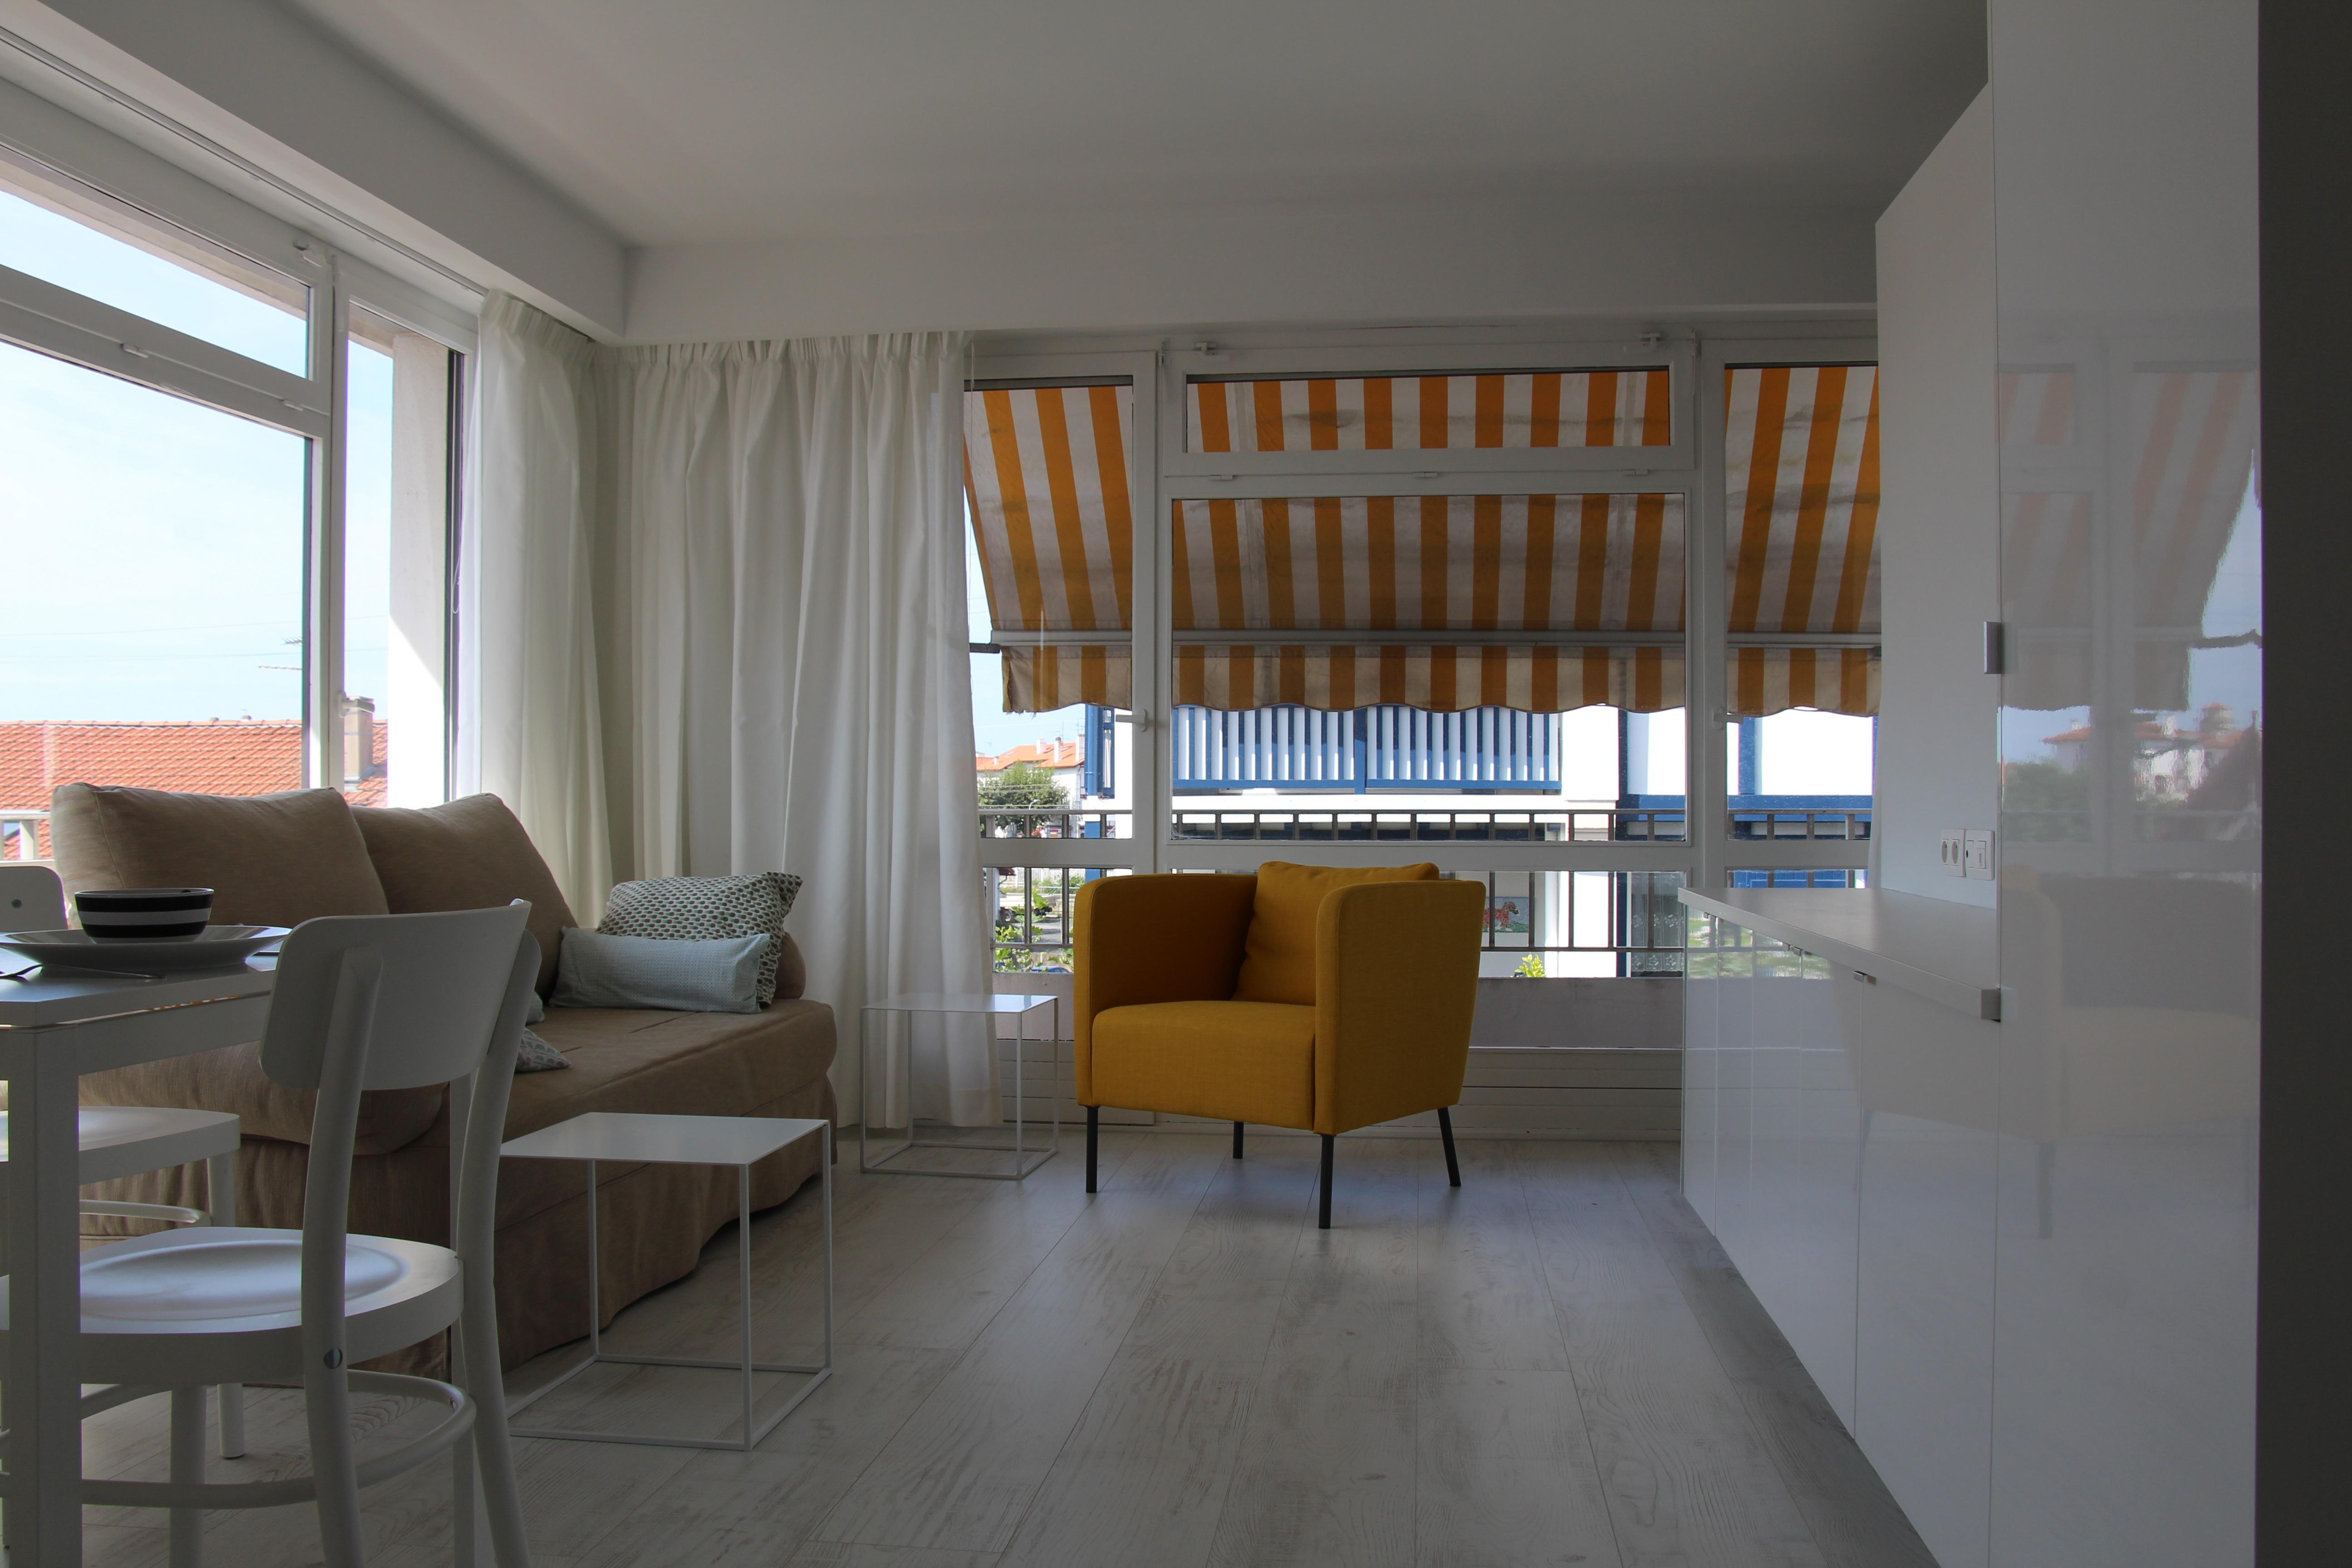 stephan architecte am nagement d un appartement de 35m st jean de luz. Black Bedroom Furniture Sets. Home Design Ideas